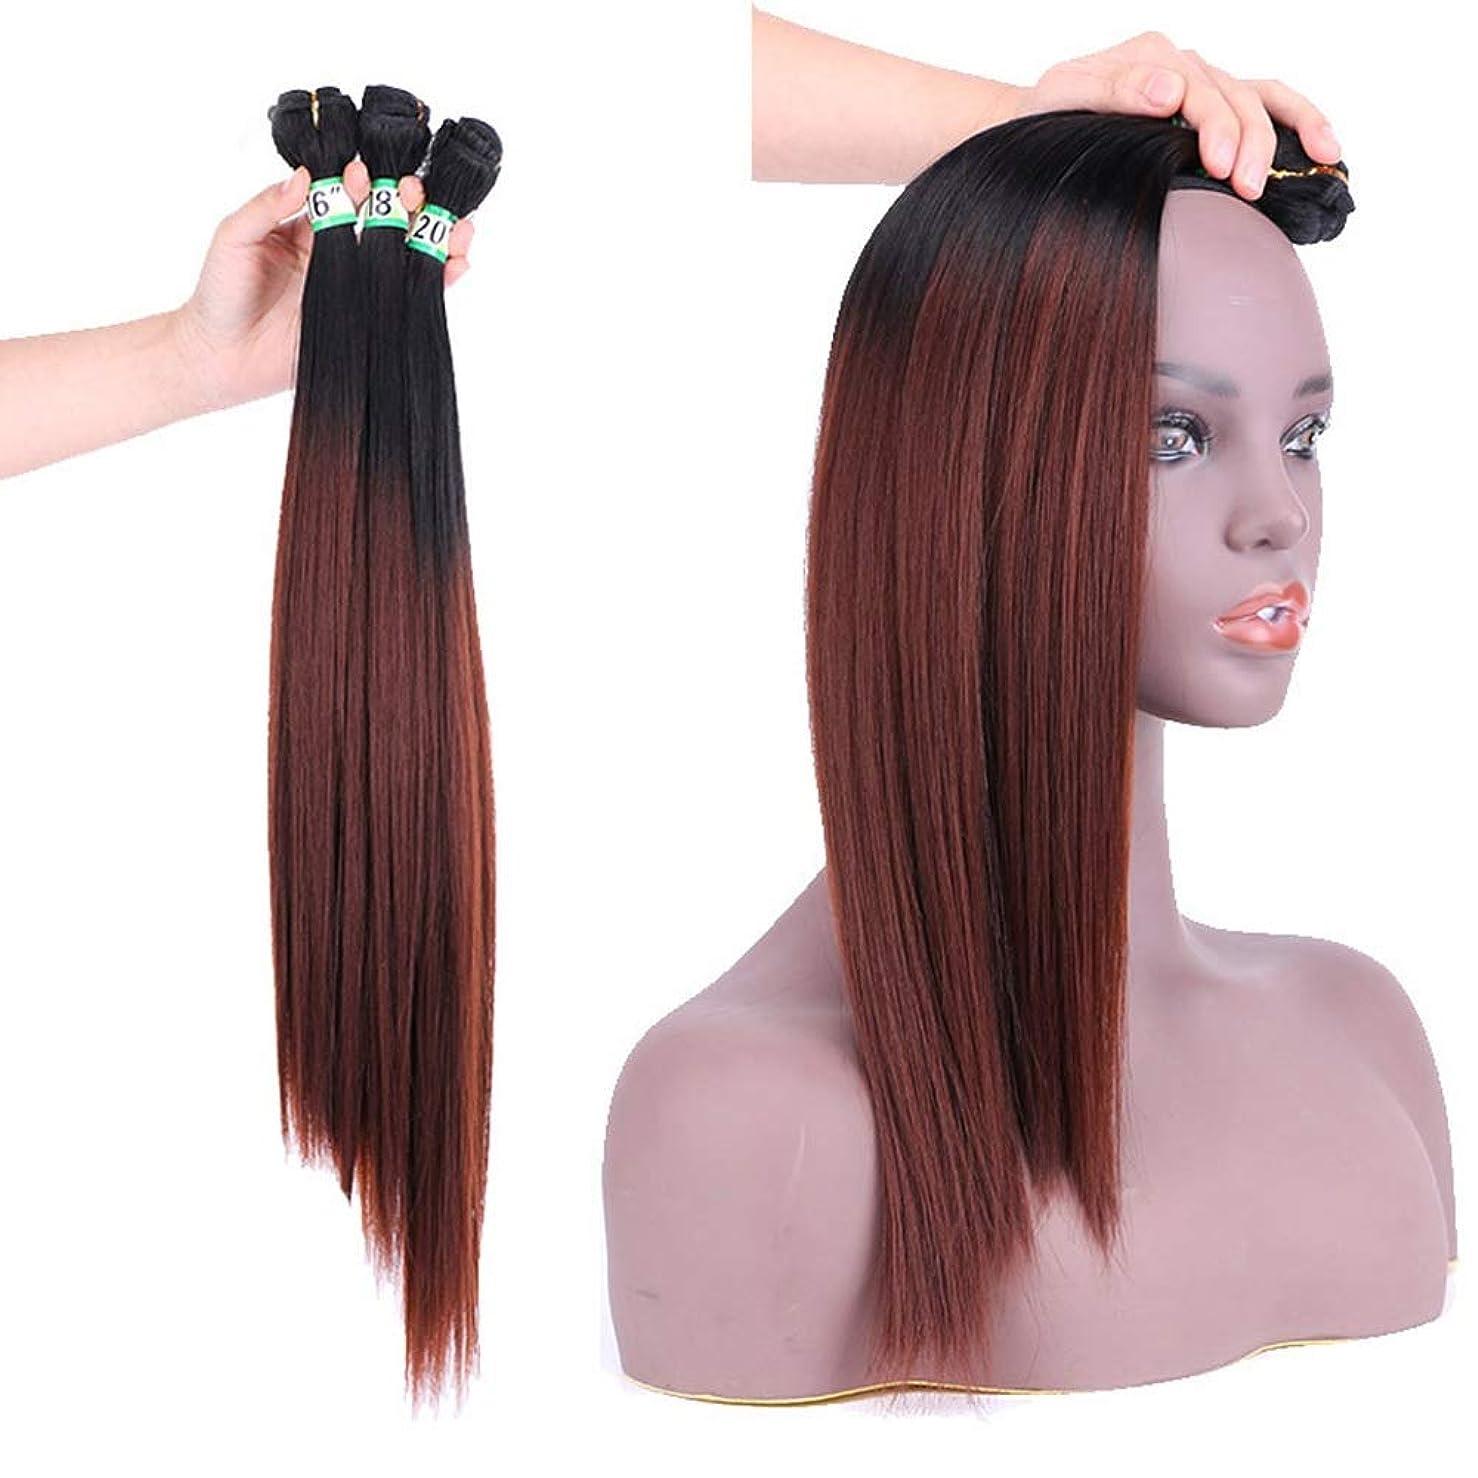 モノグラフ検査官黒BOBIDYEE ヘアエクステンションウィーブバンドル - T1 / 33#ブラウンヘアーナチュラルヘア横糸ストレートクリップなし(3バンドル、210g)合成髪レースかつらロールプレイングウィッグロング&ショート女性自然 (色 : ブラウン, サイズ : 16